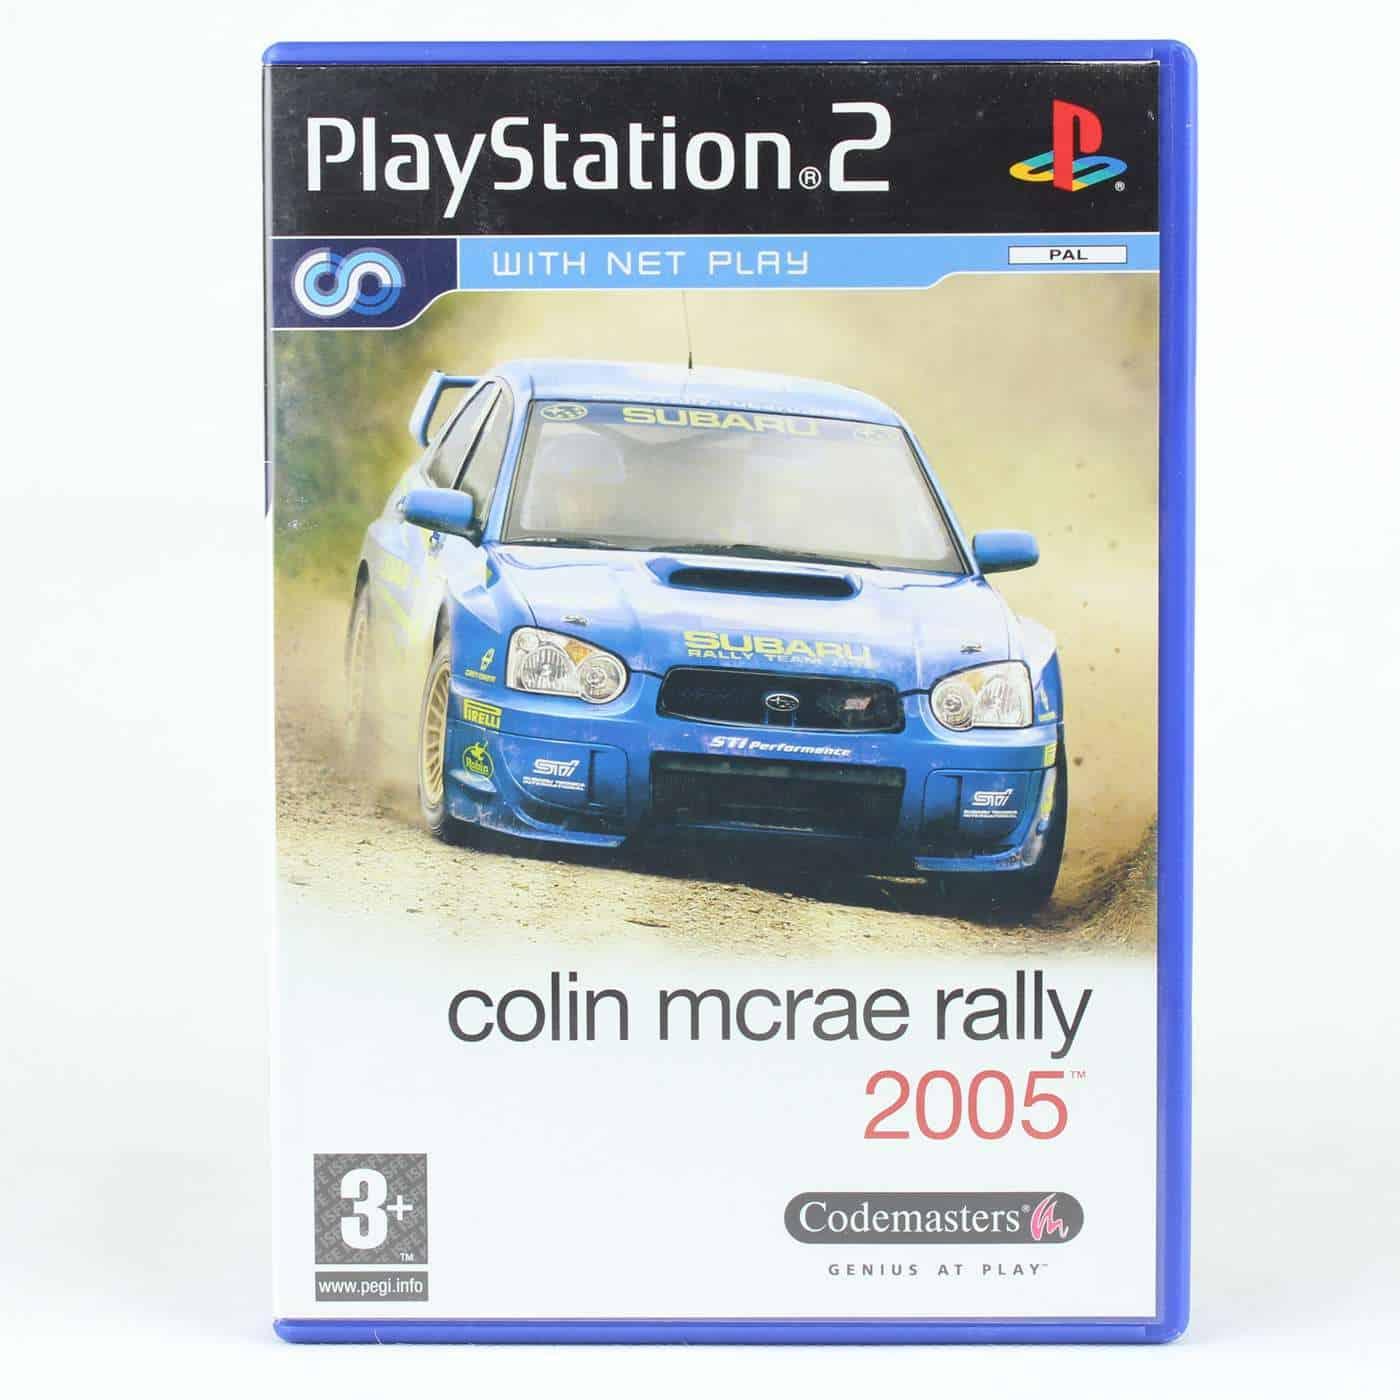 Colin McRae Rally 05 (Platstation 2)